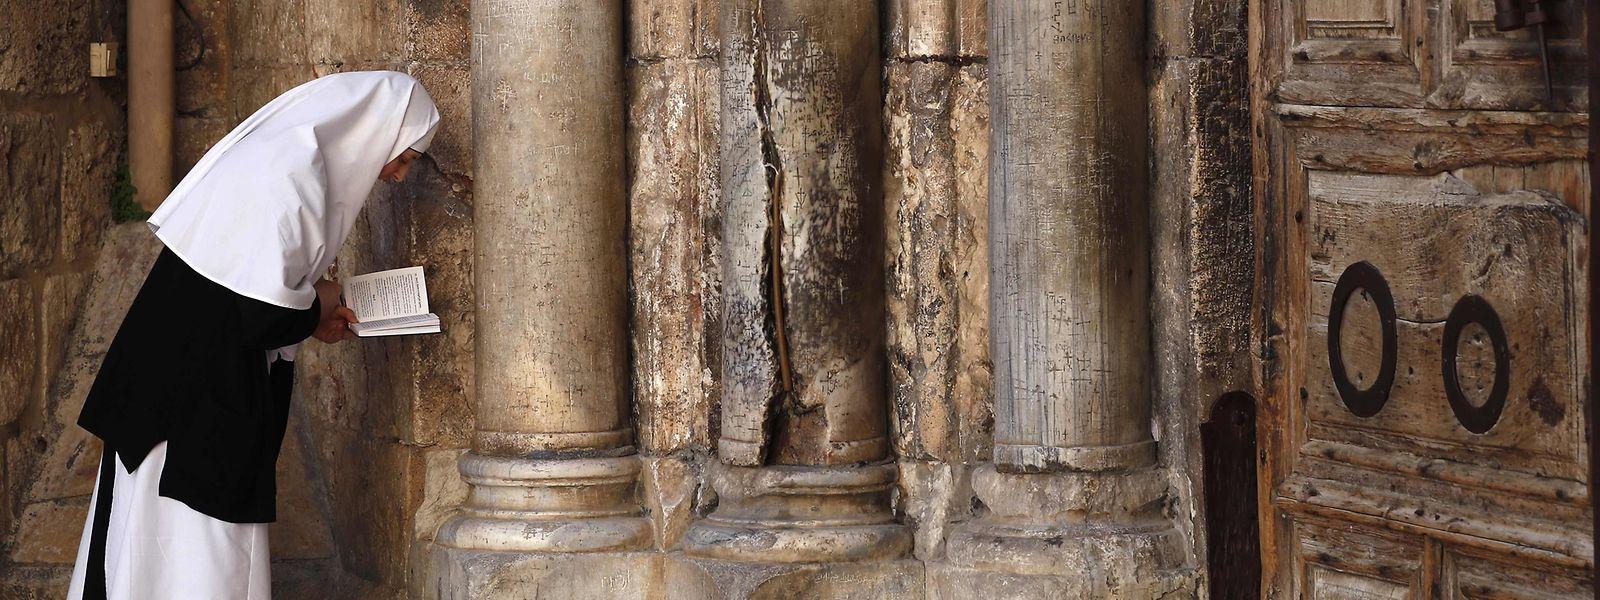 Vor der verschlossenen Tür der Jerusalemer Grabeskirche betet eine Nonne.